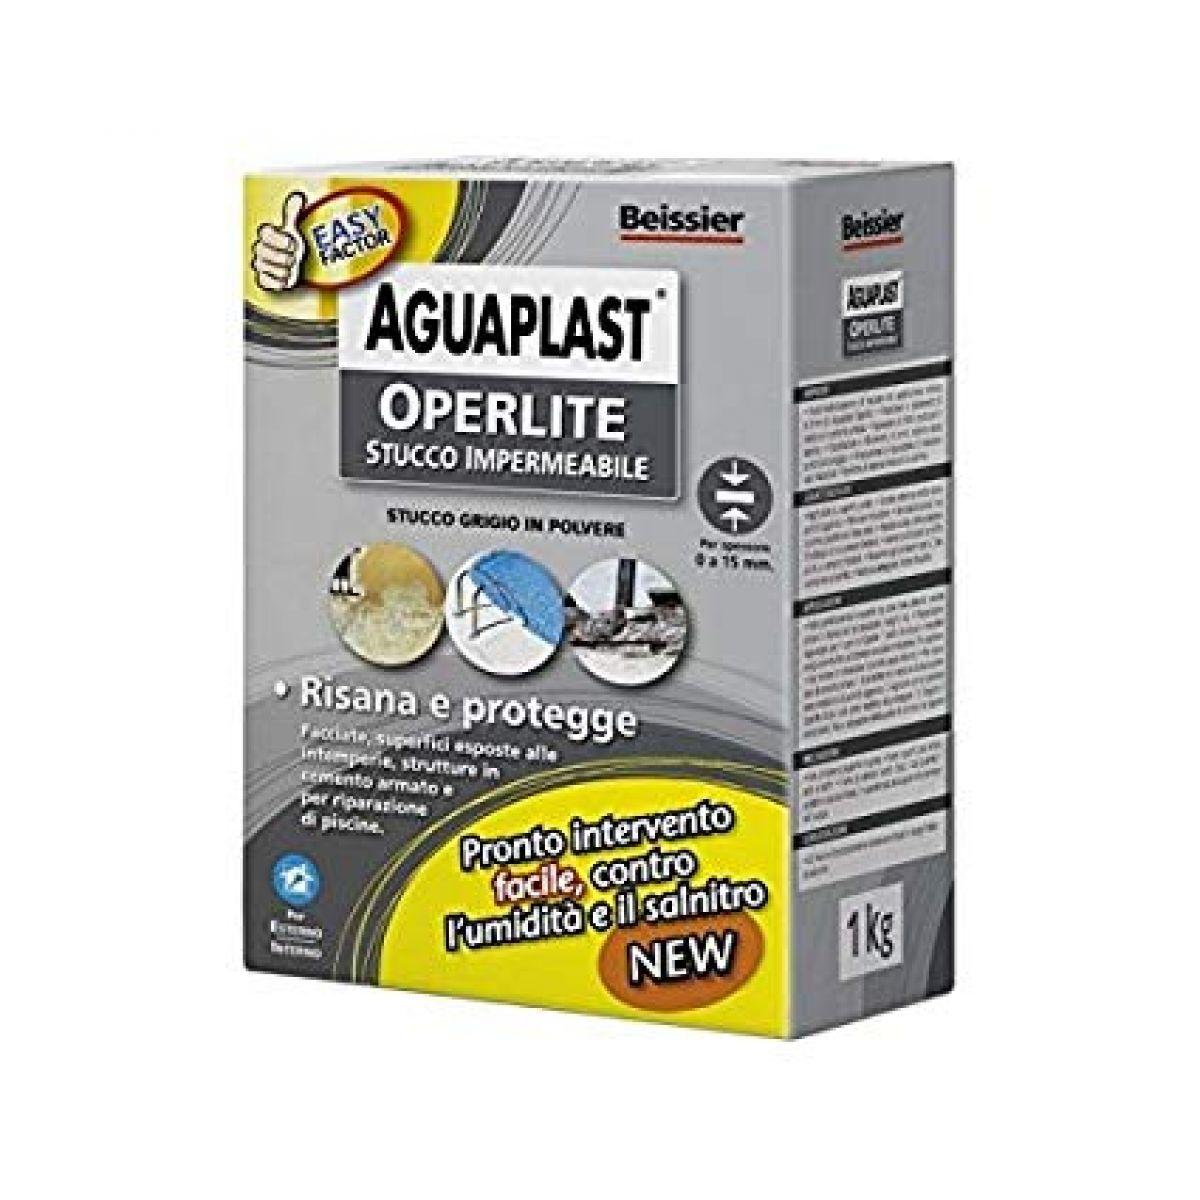 OPERLITE: stucco impermeabile grigio in polvere per risanare, impermeabilizzare, proteggere e per riparare le piscine, risana il cemento armato, e crea una barriera all'umidità ed al slmnitro,